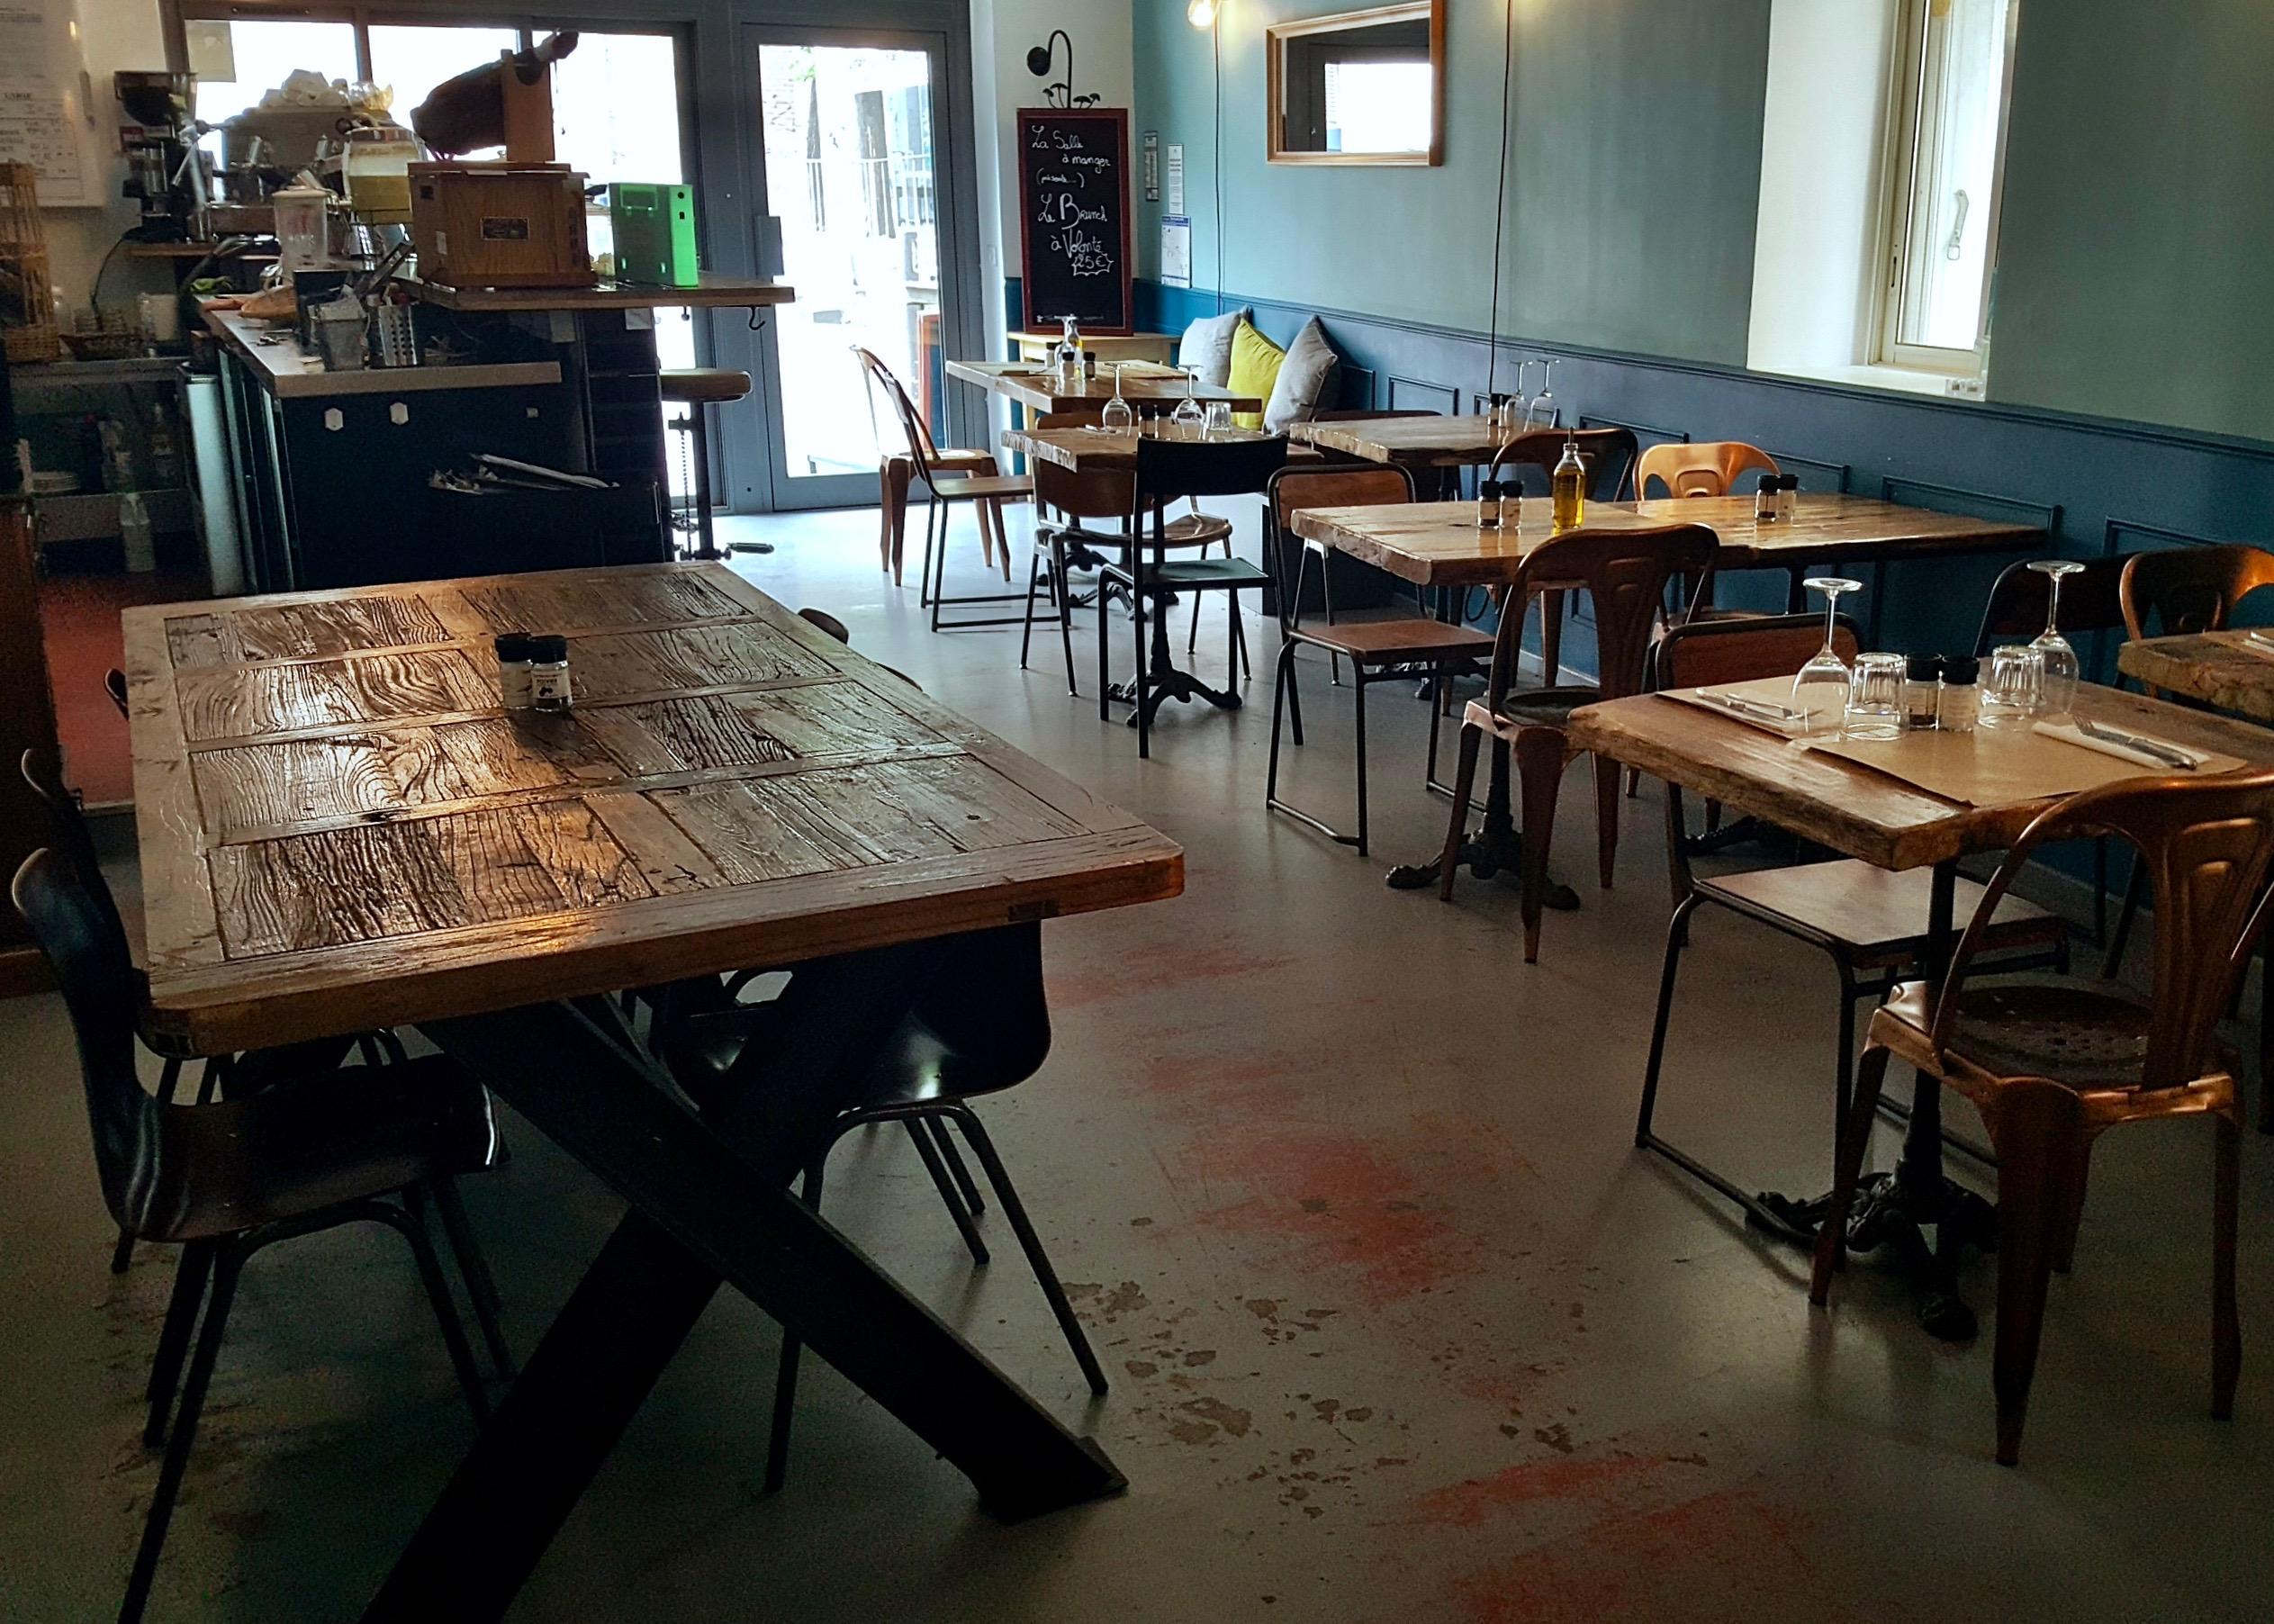 Cuisine italienne et Burgers - La Salle à Manger - Love Spots